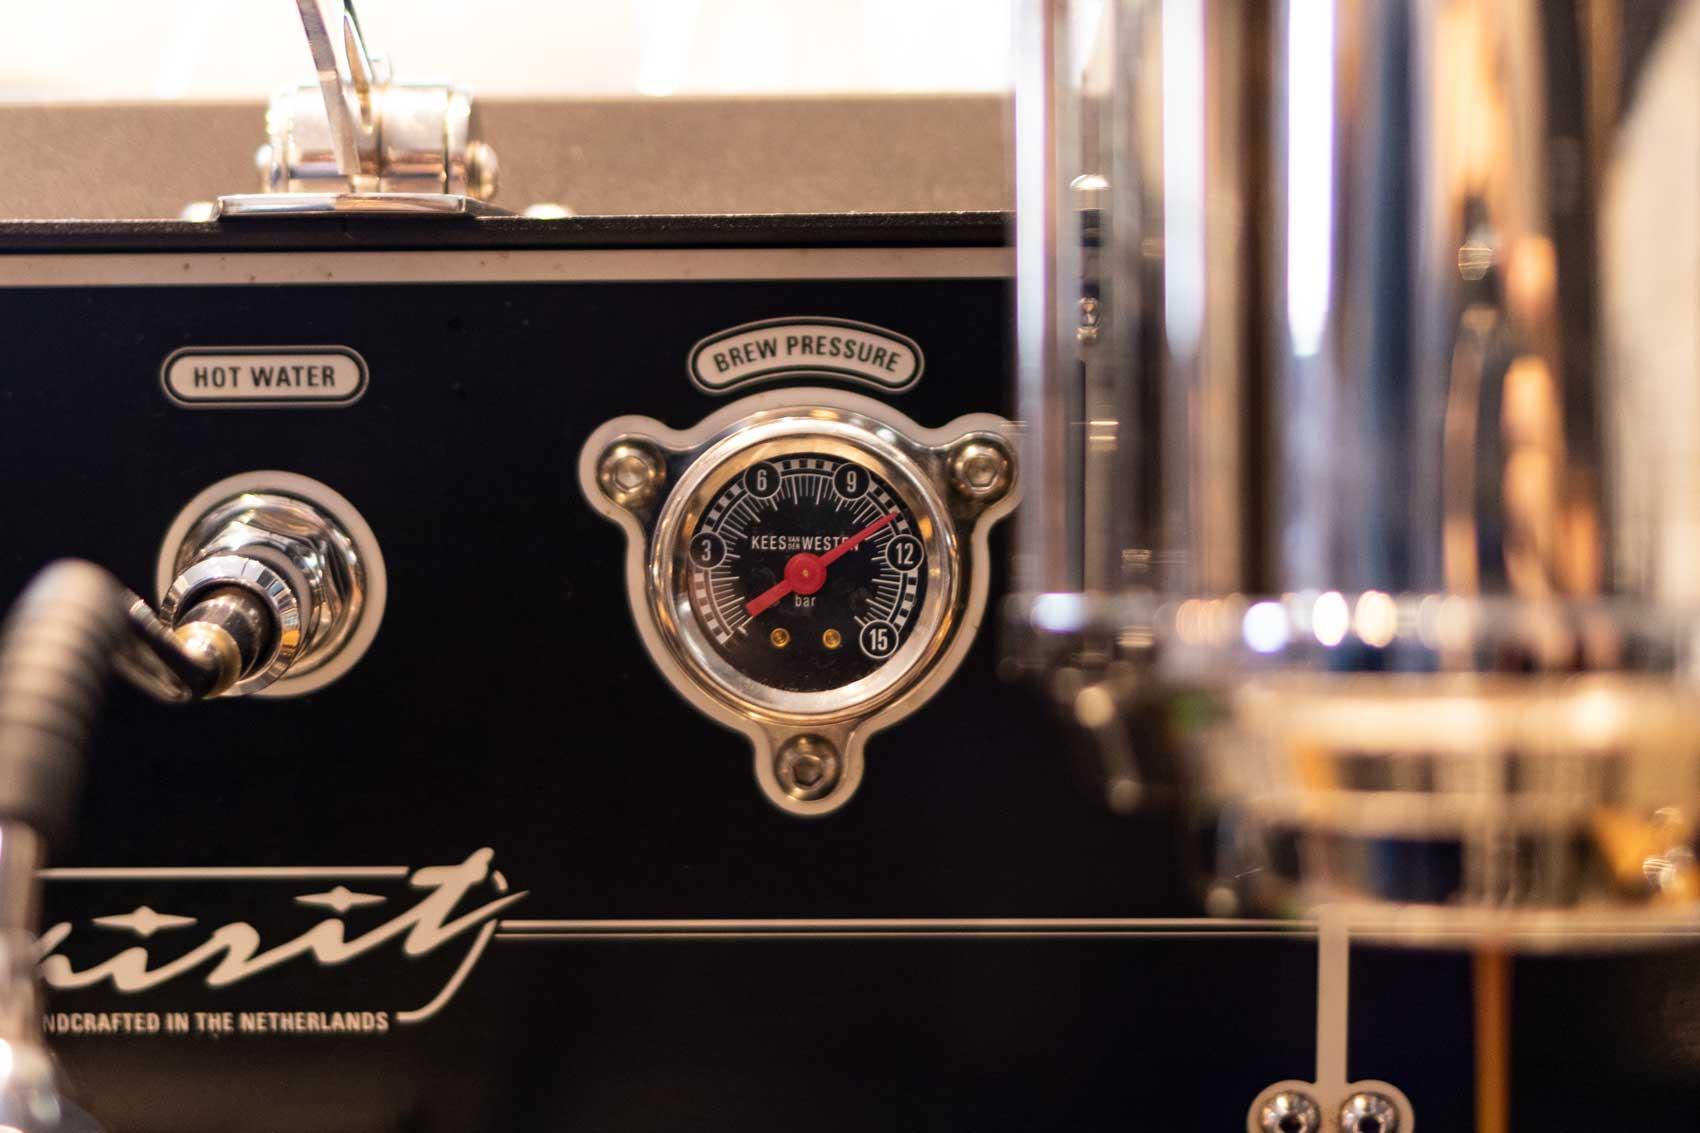 Druckpegel einer Siebträger Maschine